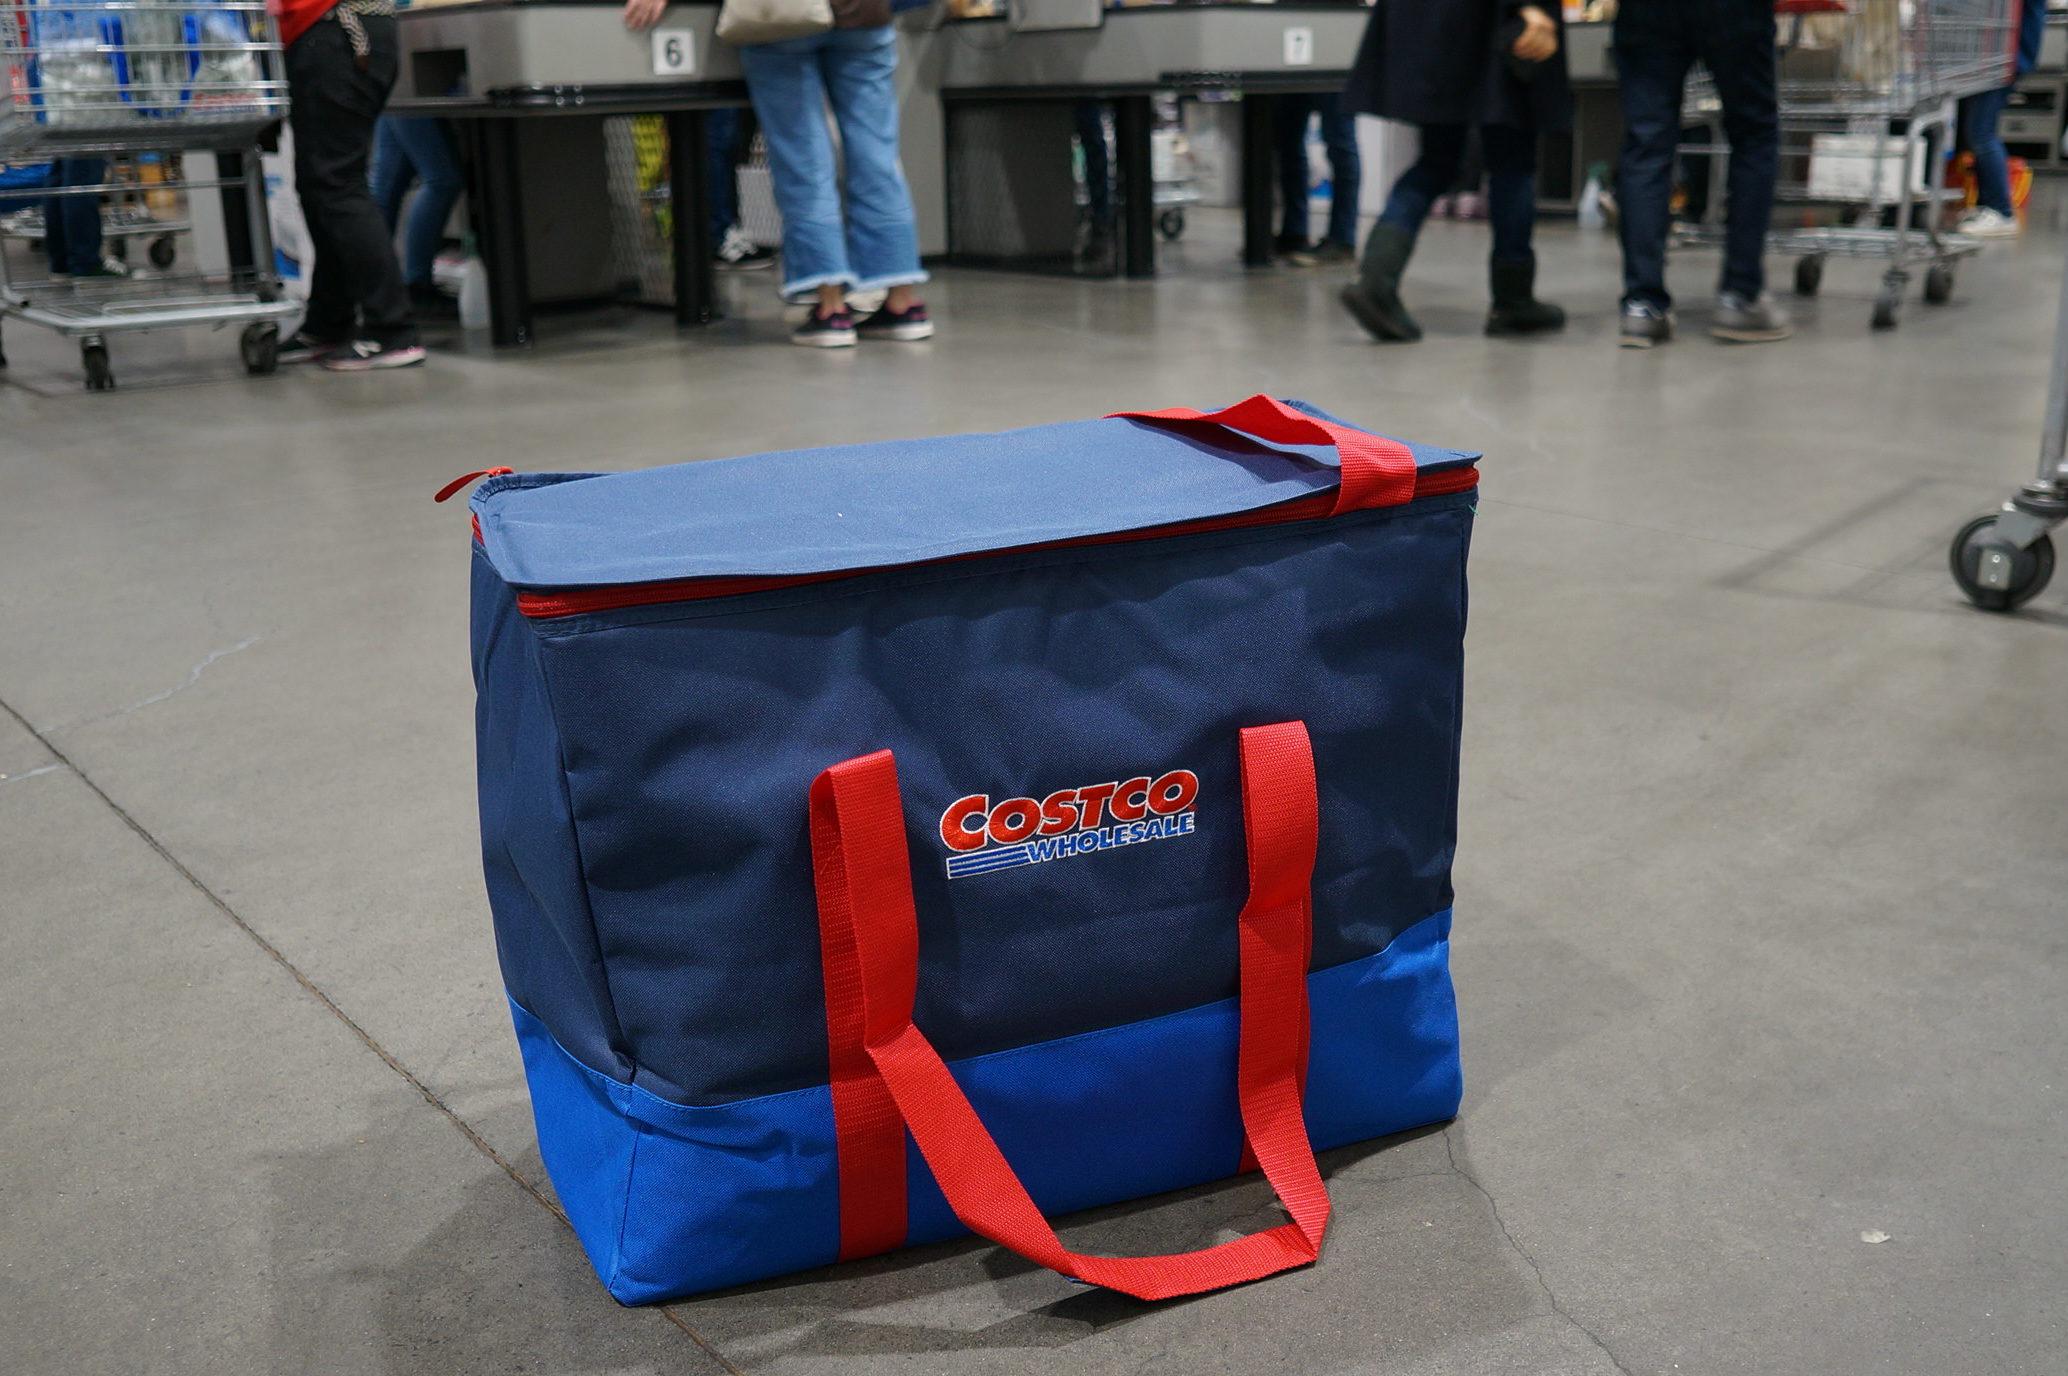 コストコの保冷バッグの写真